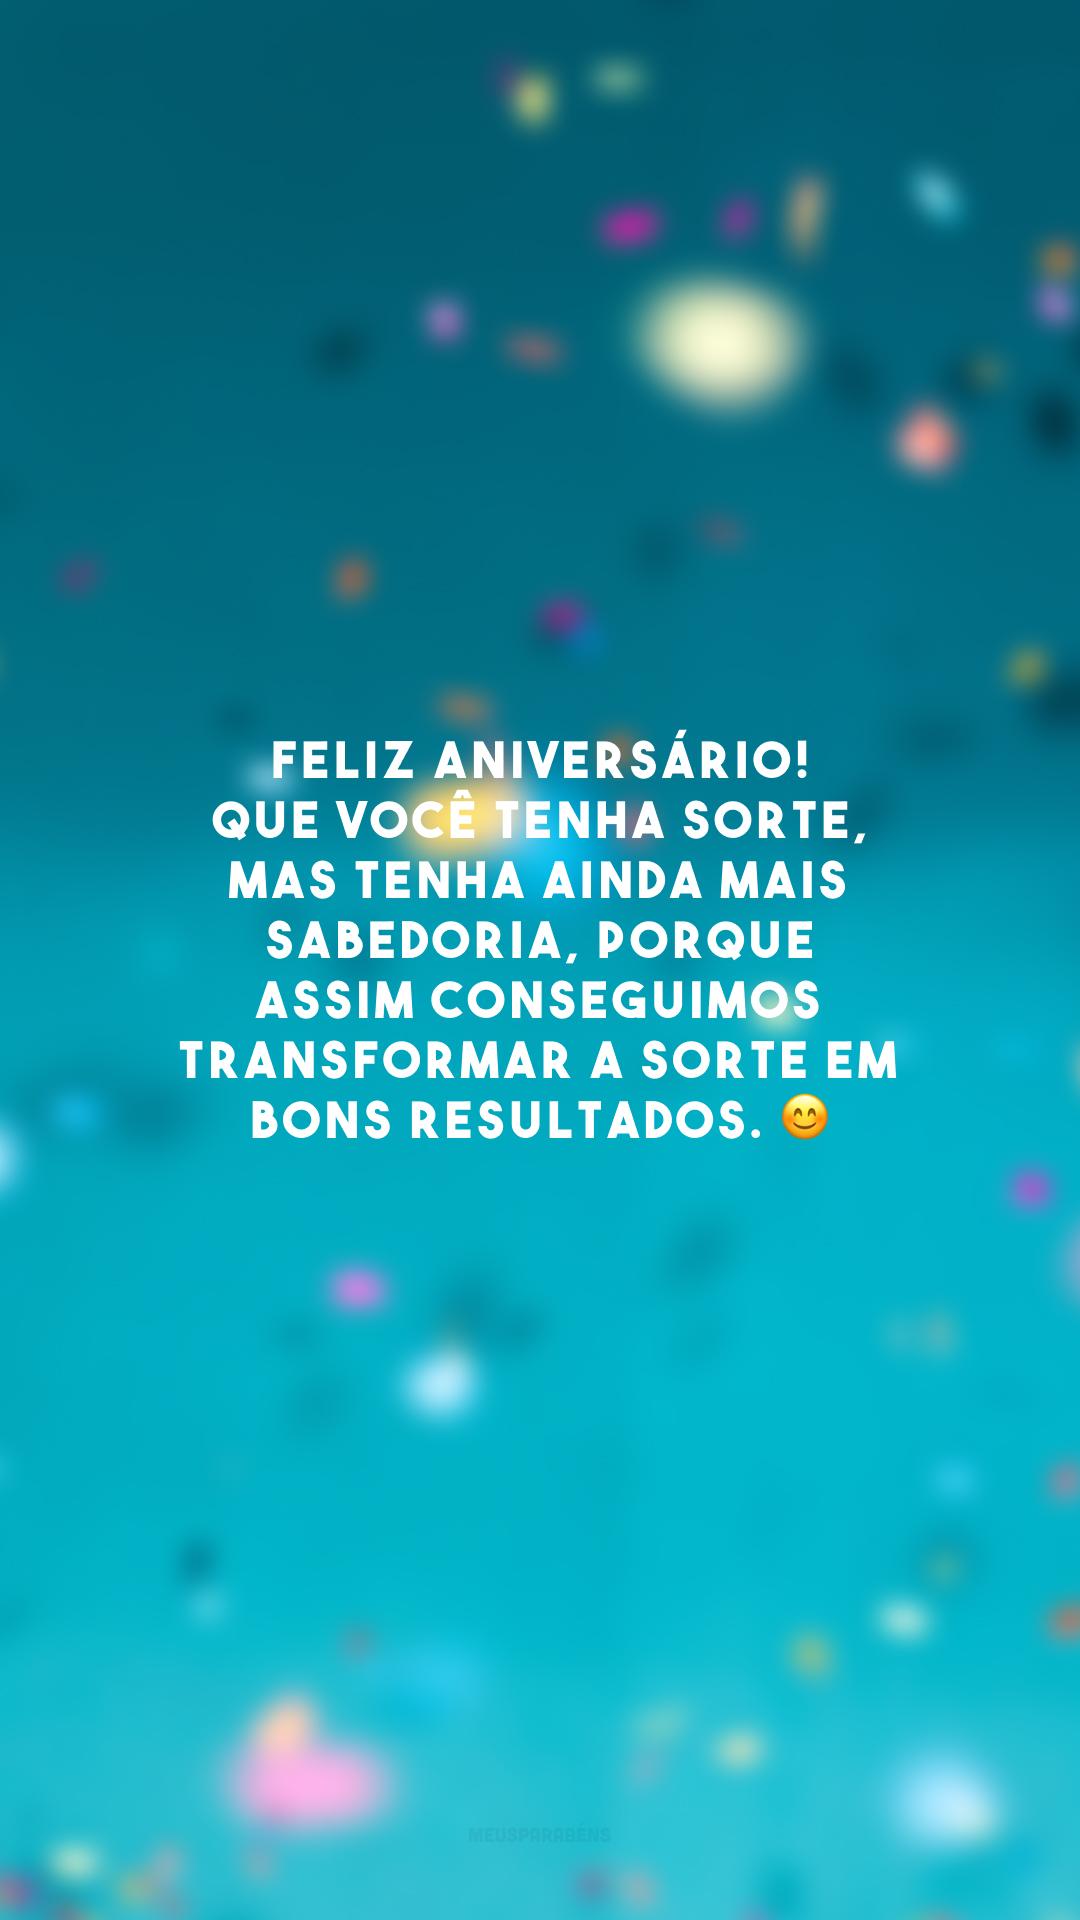 Feliz aniversário! Que você tenha sorte, mas tenha ainda mais sabedoria, porque assim conseguimos transformar a sorte em bons resultados. 😊